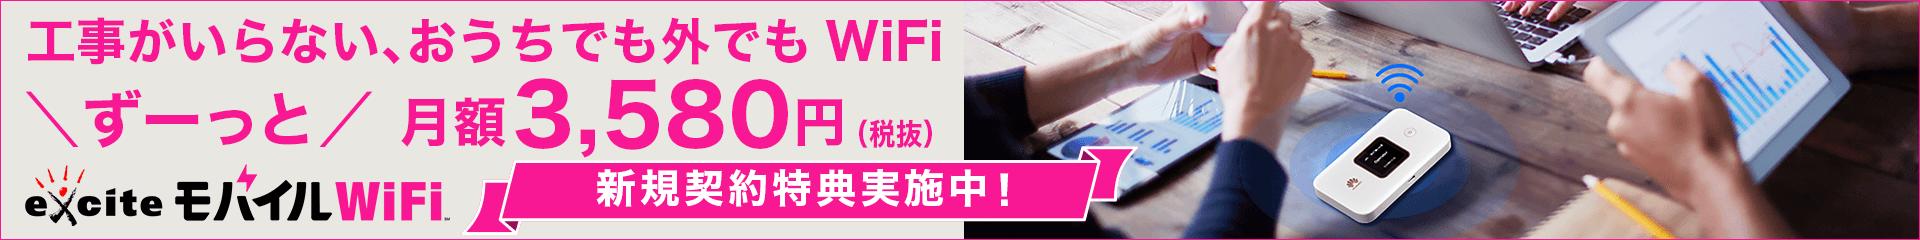 エキサイトモバイル WiFi